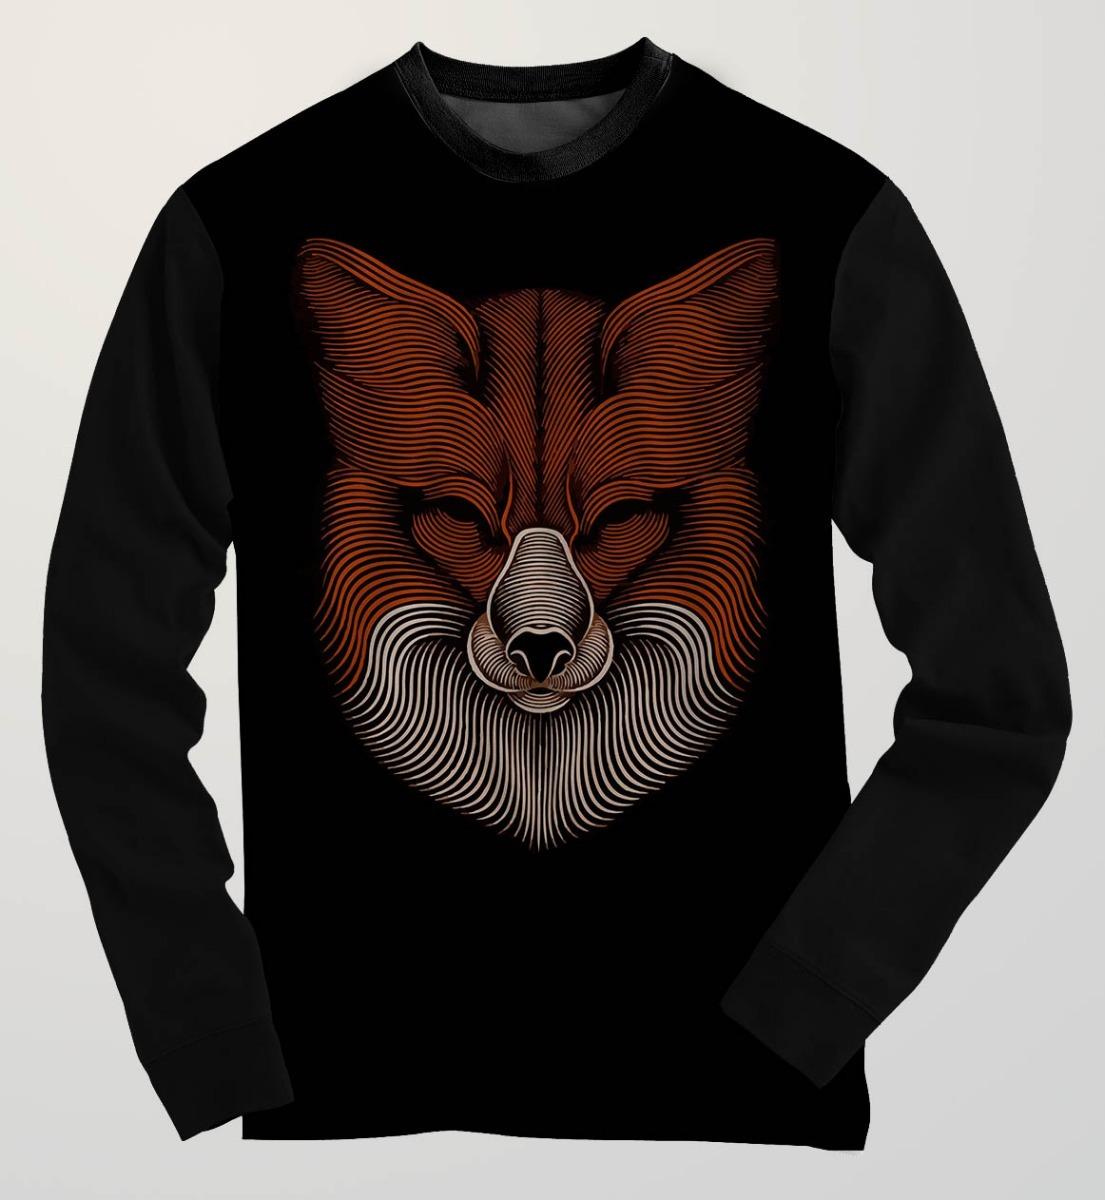 Blusa Moletom Line Fox Raposa Linha Desenho Tumblr Swag R 134